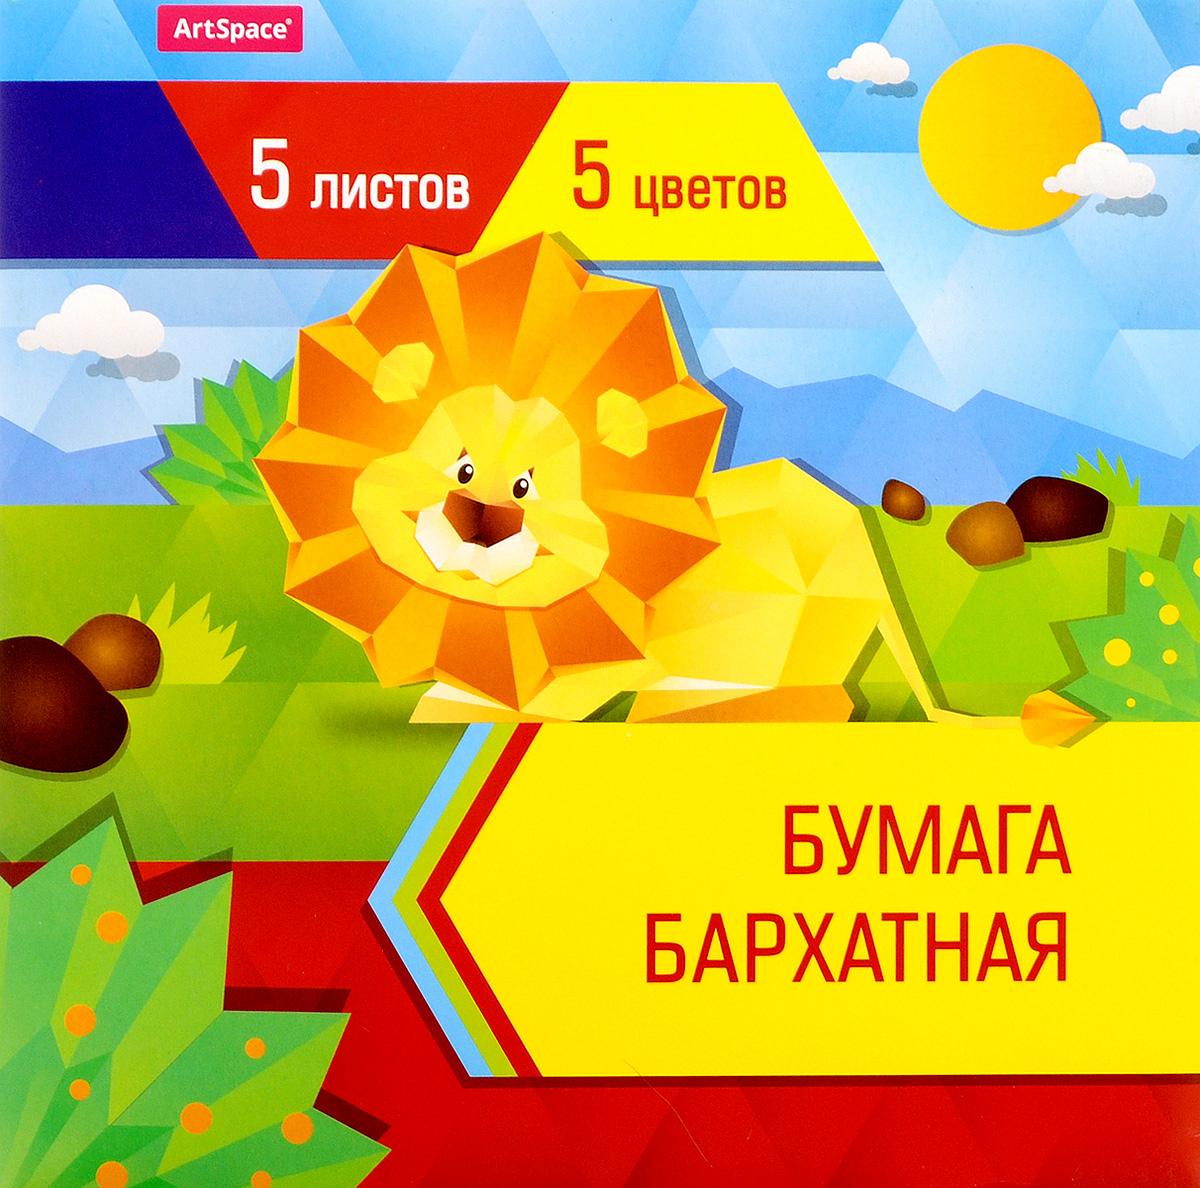 ArtSpace Цветная бумага бархатная 5 листовНбх5-5_1812Бархатная цветная бумага ArtSpace идеально подходит для детского творчества: создания аппликаций, оригами и многого другого. В упаковке 5 листов бархатной бумаги 5 цветов. Бумага упакована в картонную папку. Детские аппликации из цветной бумаги - отличное занятие для развития творческих способностей и познавательной деятельности малыша, а также хороший способ самовыражения ребенка.